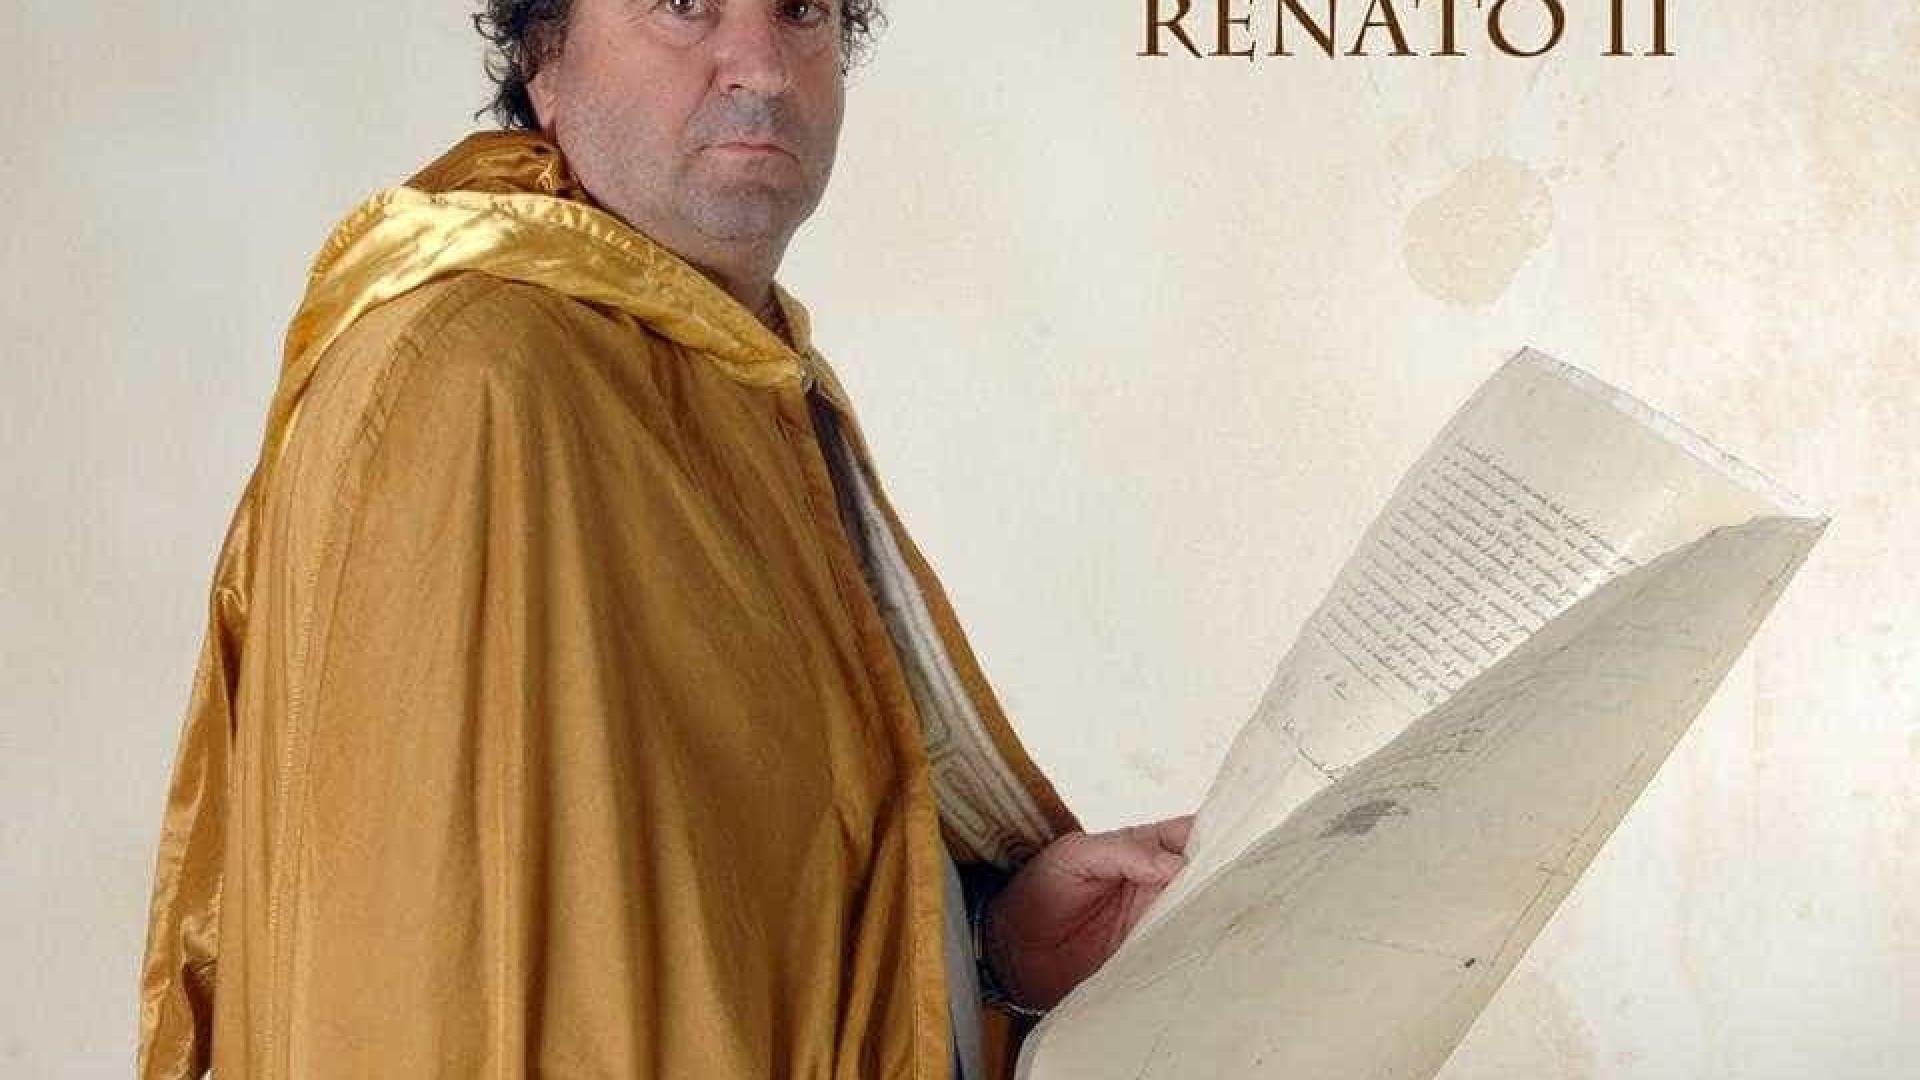 Fundou o seu próprio principado na Madeira e conta tudo no cinema